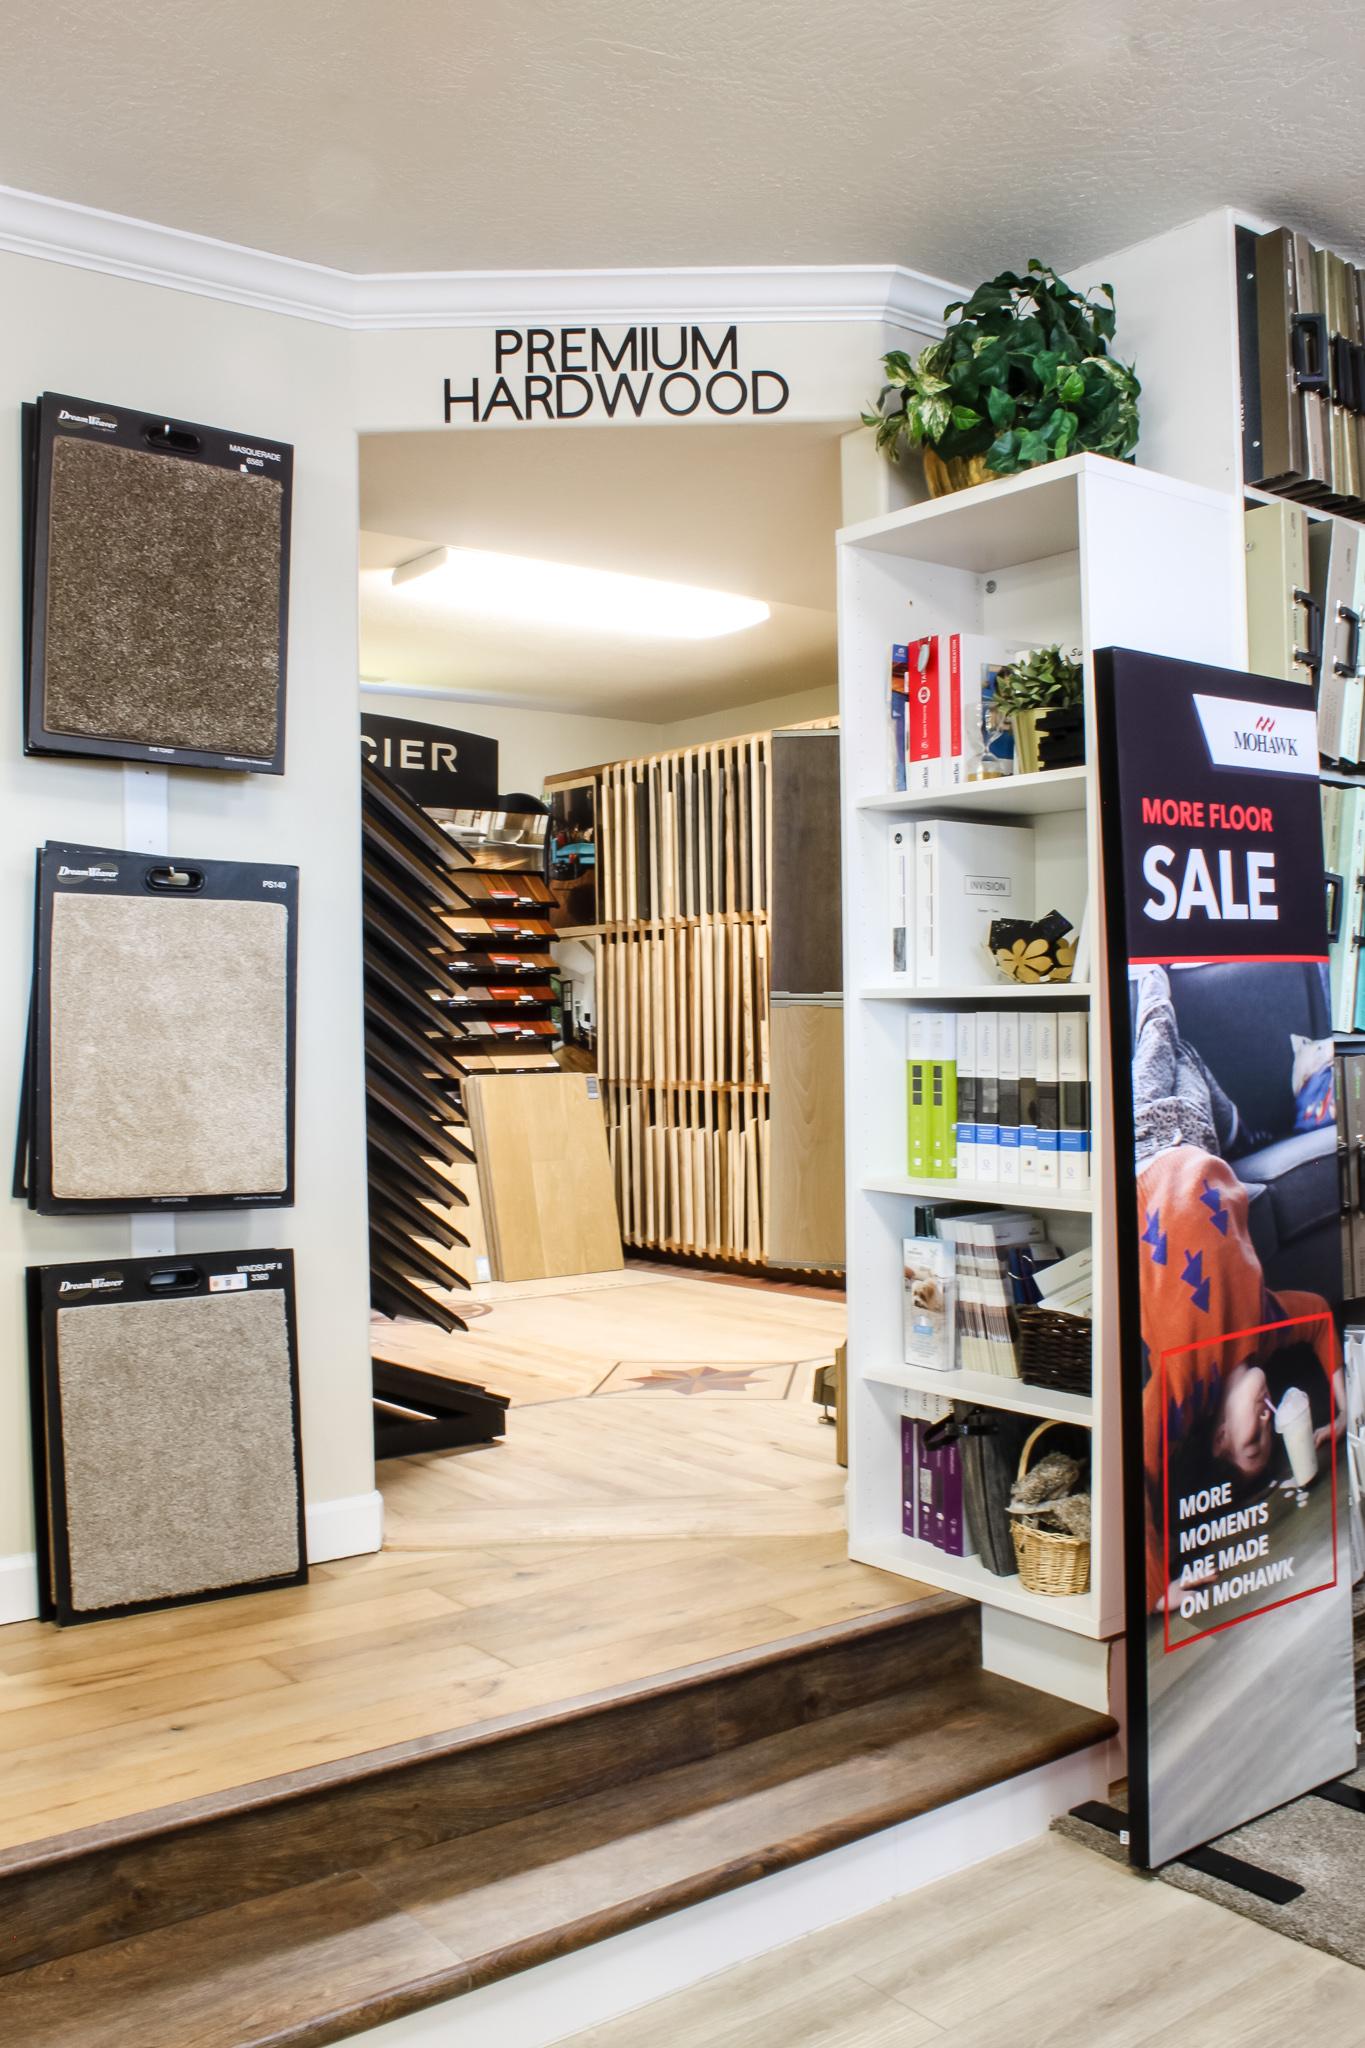 The Pyne Floor Coverings wood display room